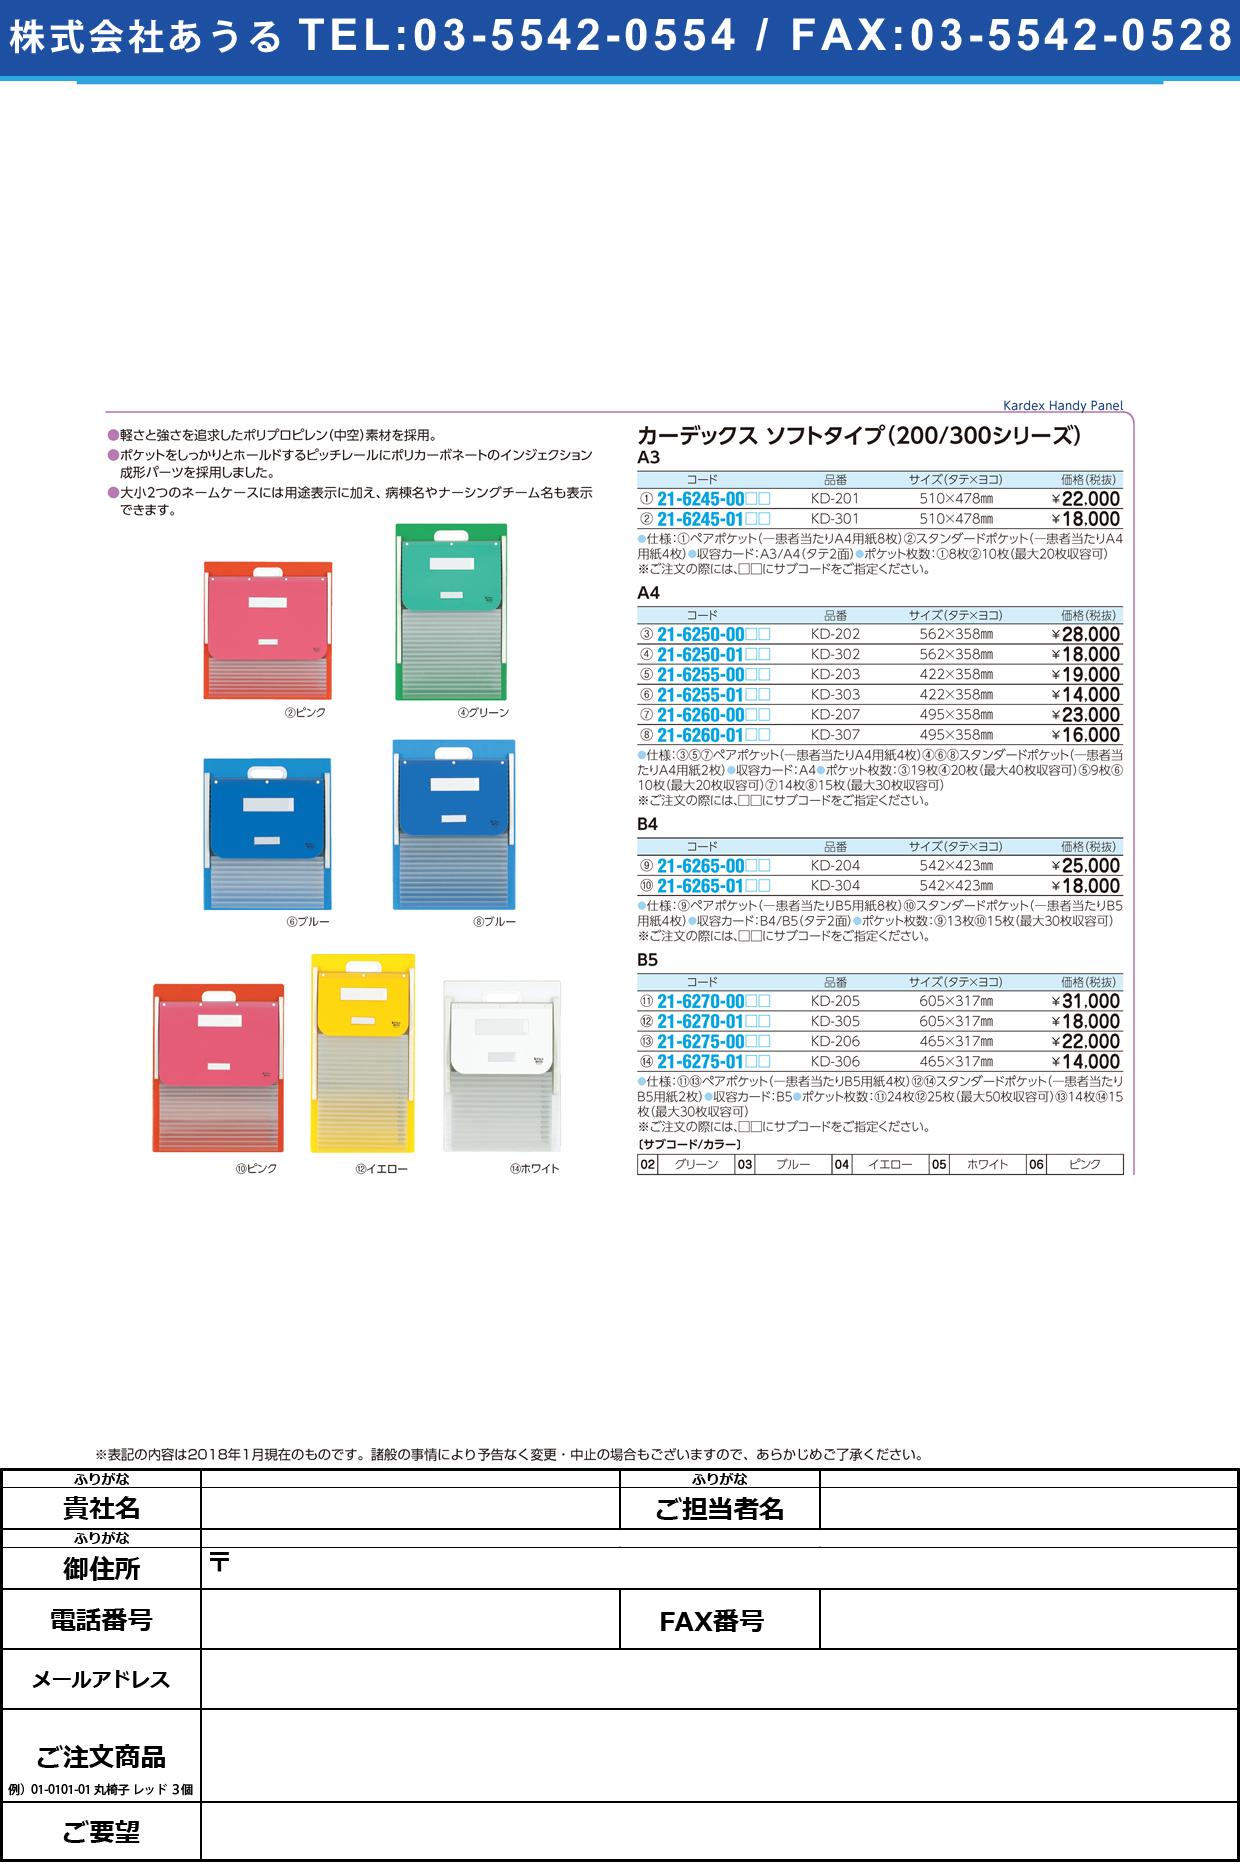 (21-6250-01)カーデックス300 KD-302(A4) カーデックス300 グリーン(ケルン)【1冊単位】【2018年カタログ商品】